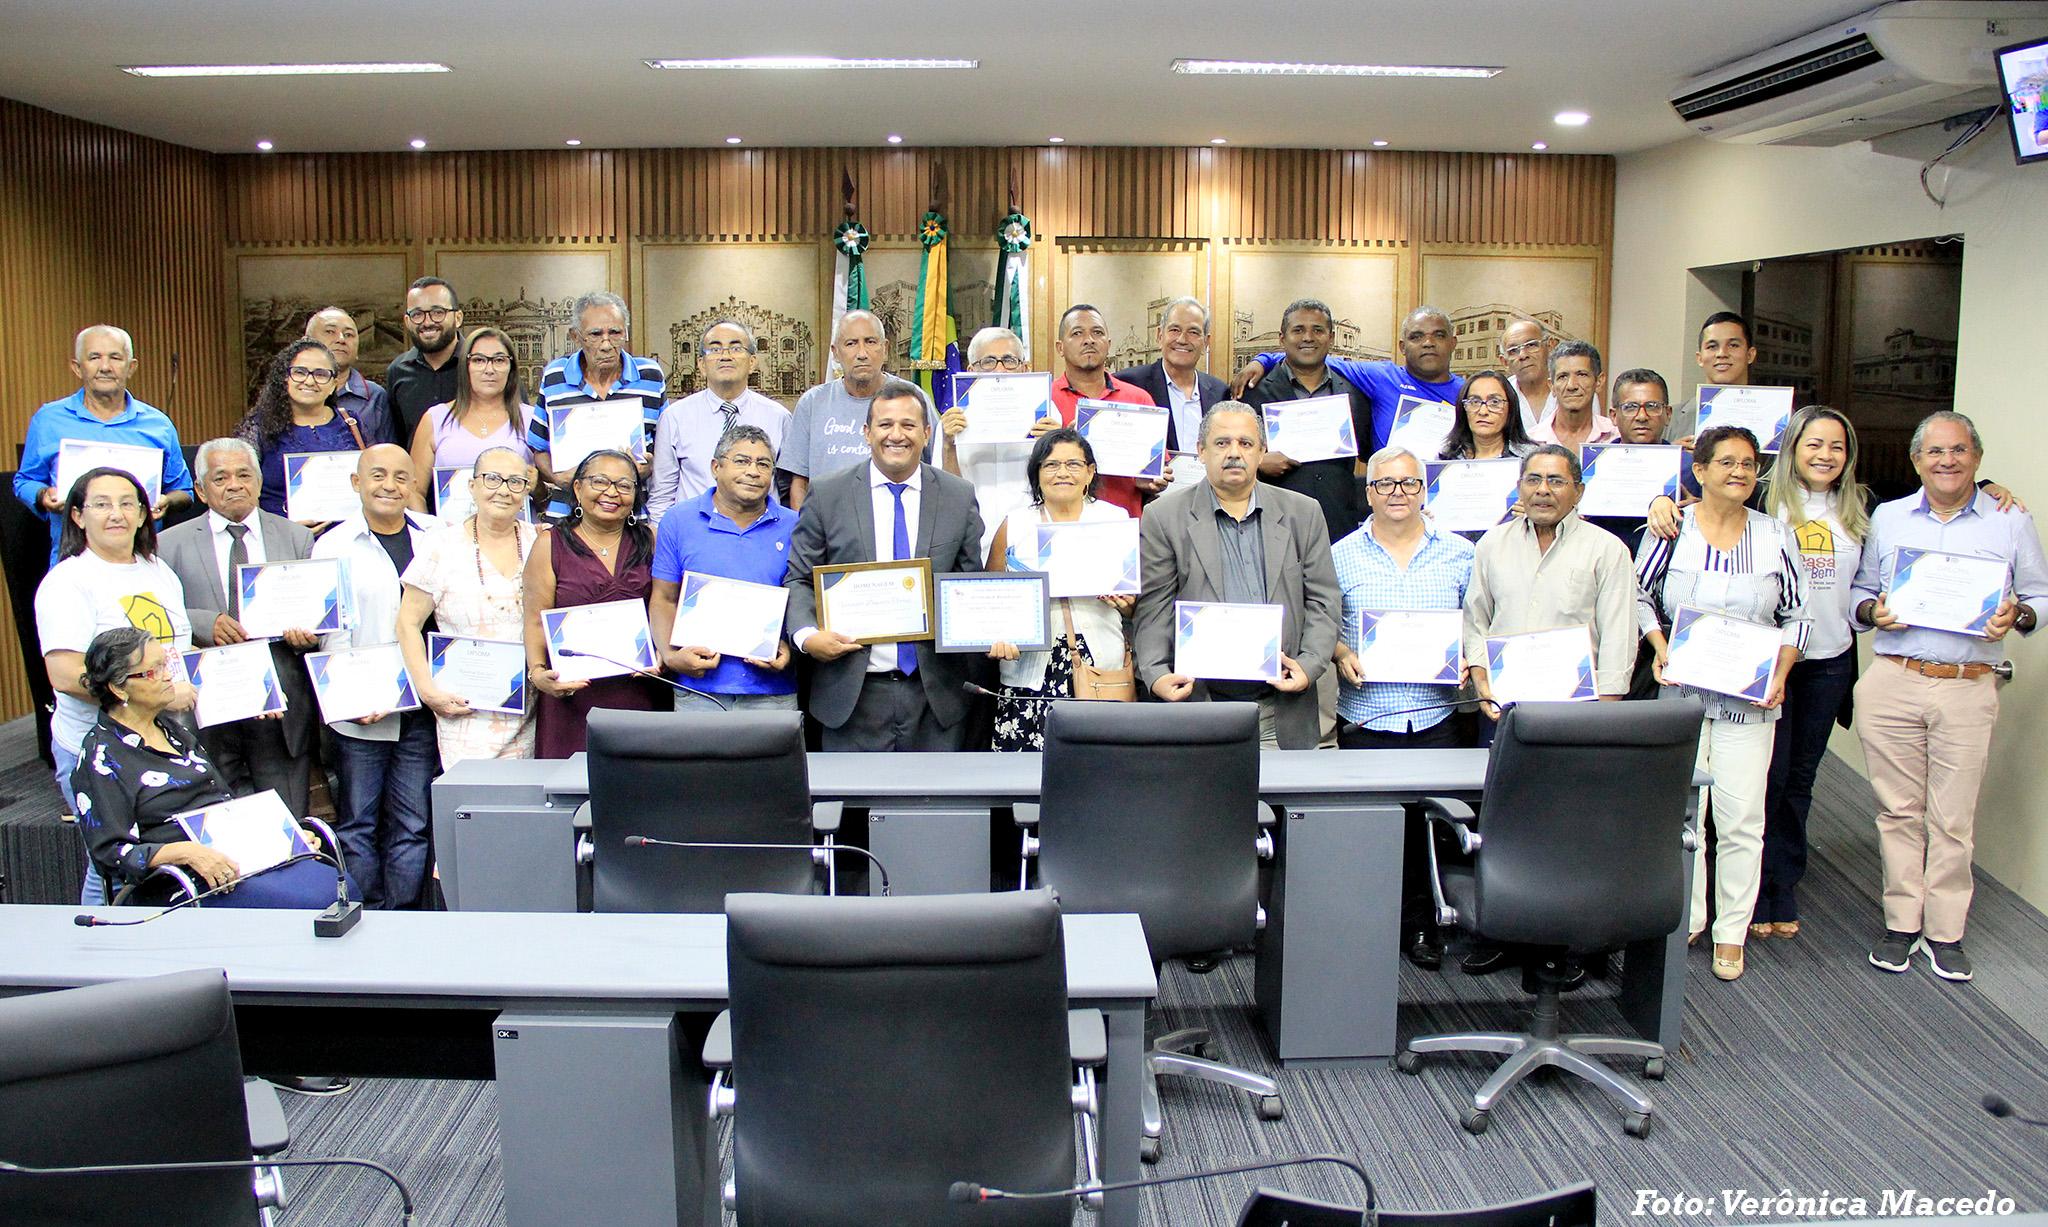 Resultado de imagem para 61 anos: Bairro Mãe Luíza recebe homenagem da CMN